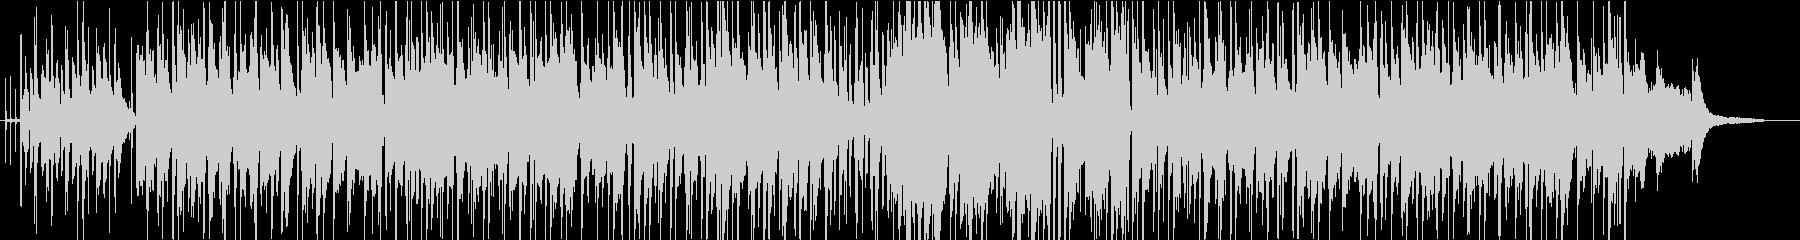 フルートの旋律が印象的なカフェ風ボサノバの未再生の波形